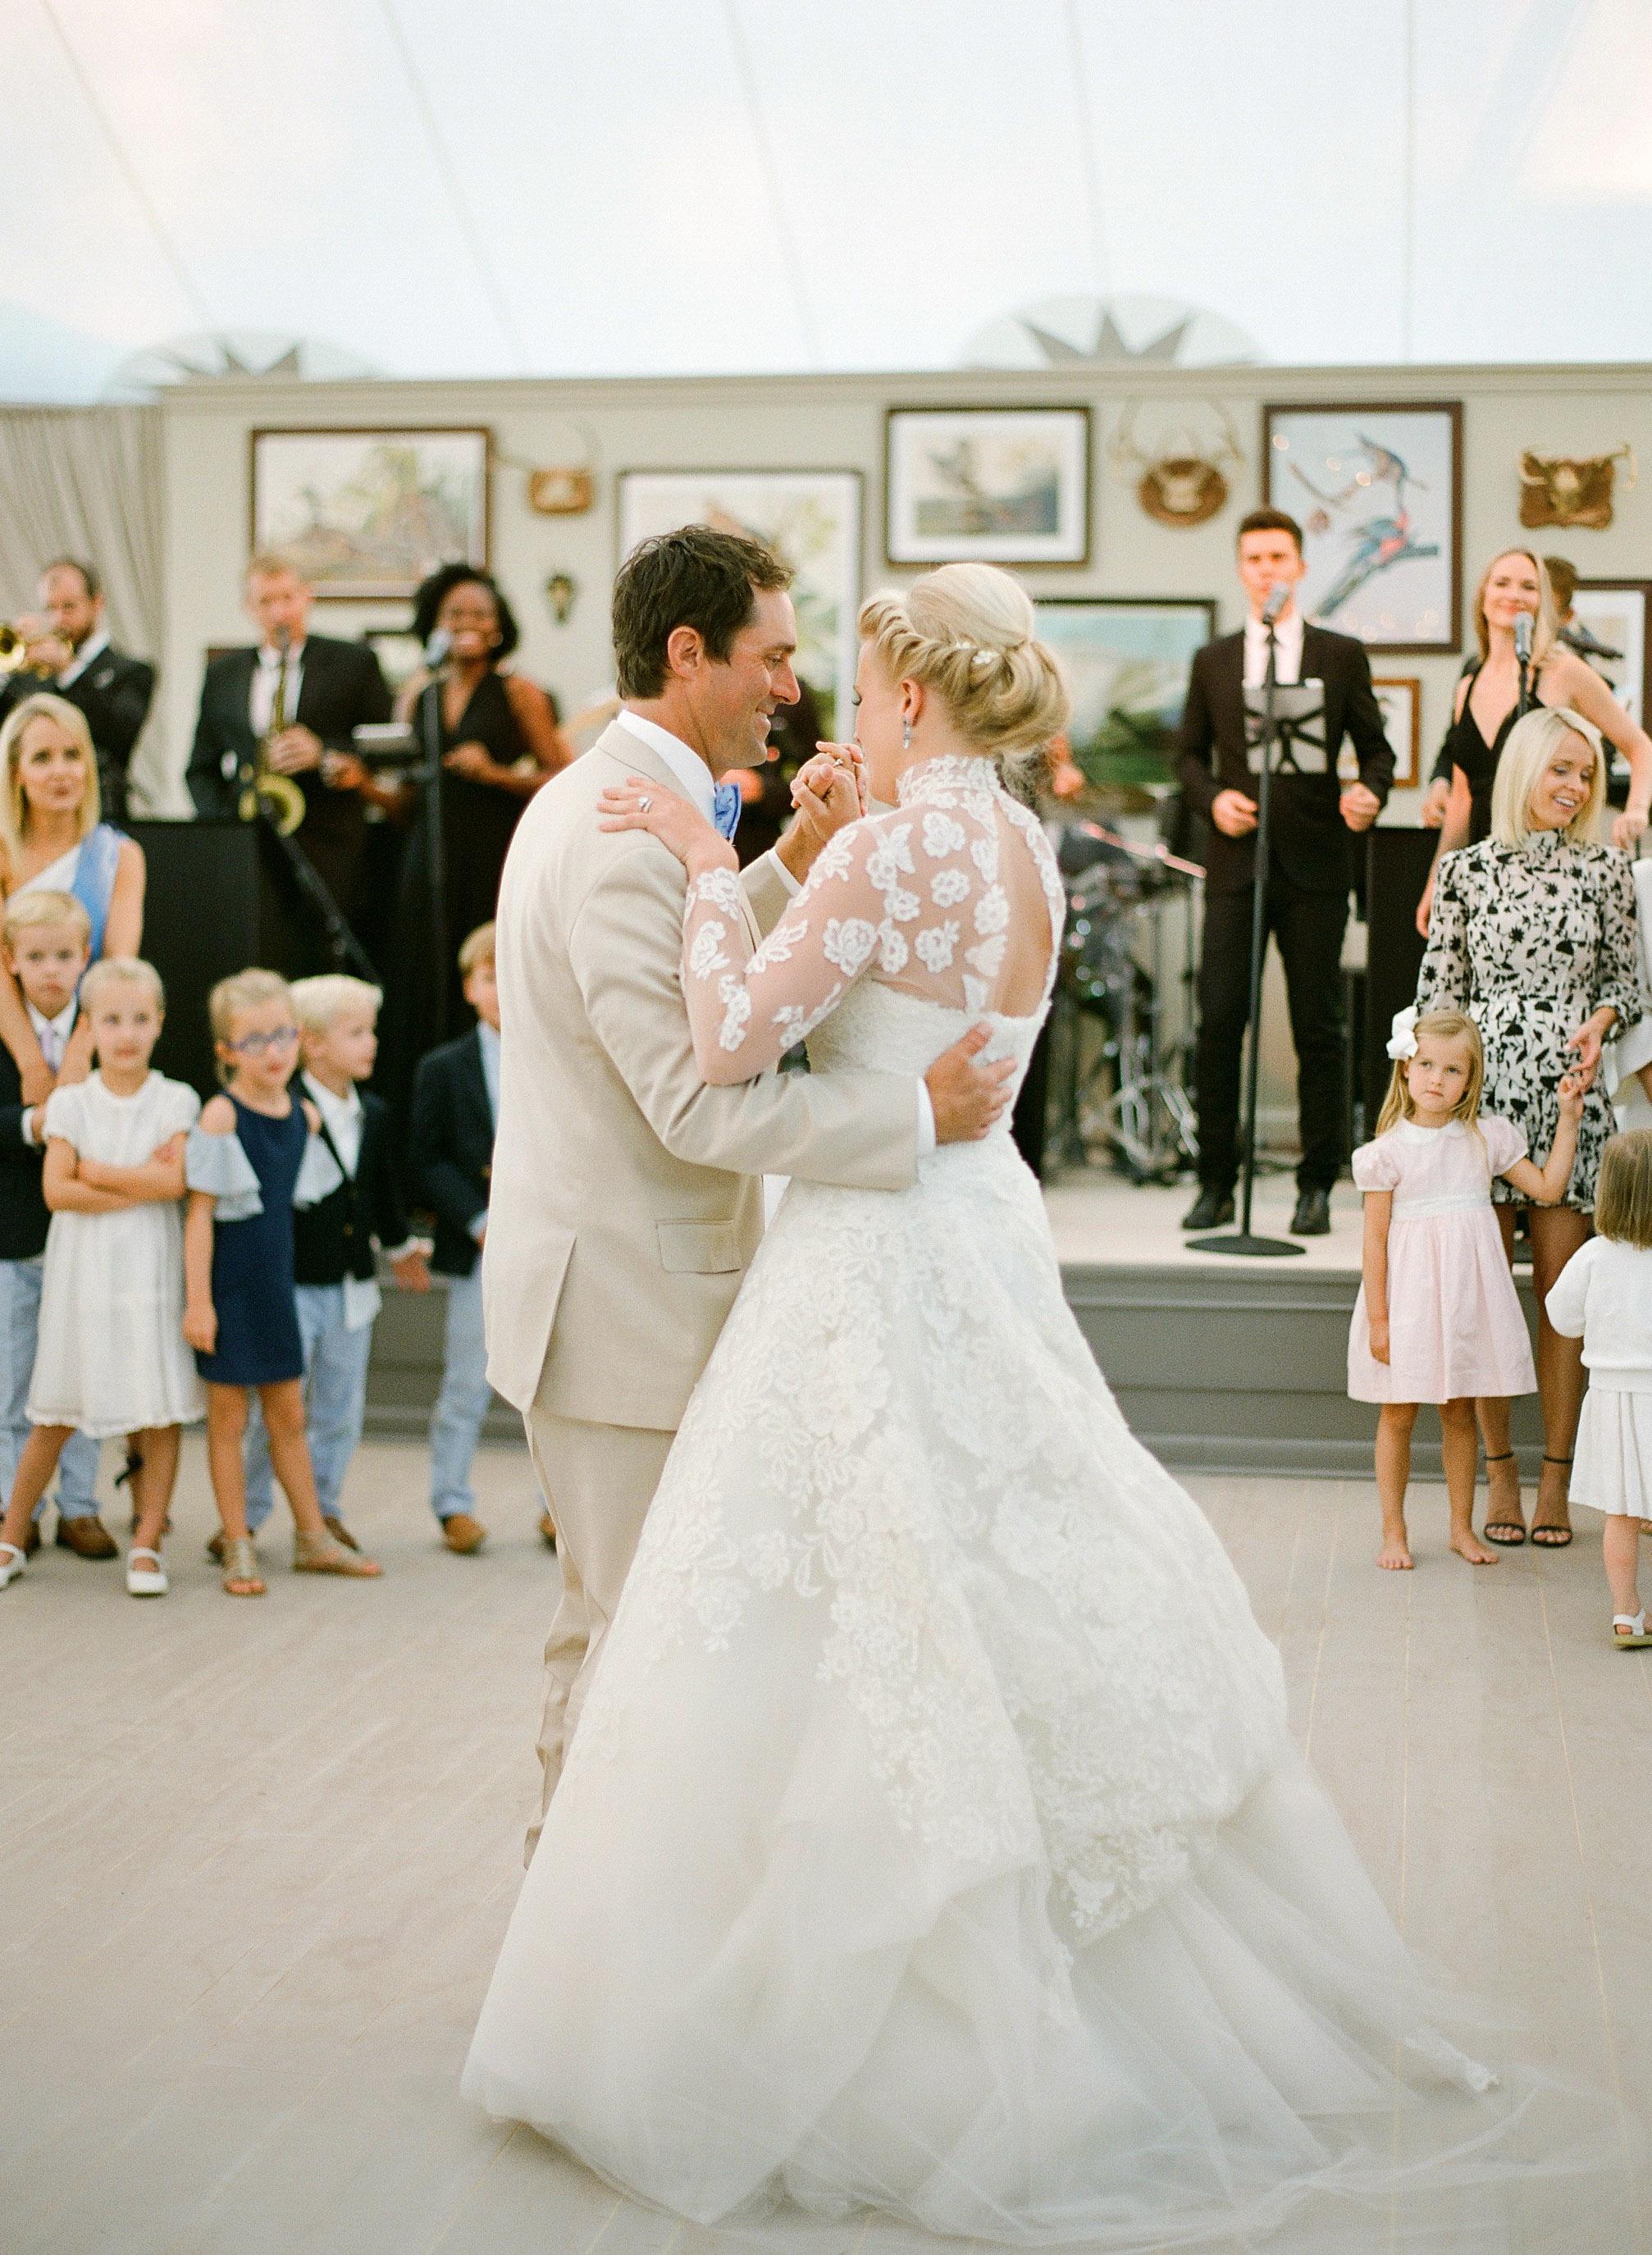 bessie john wedding first dance